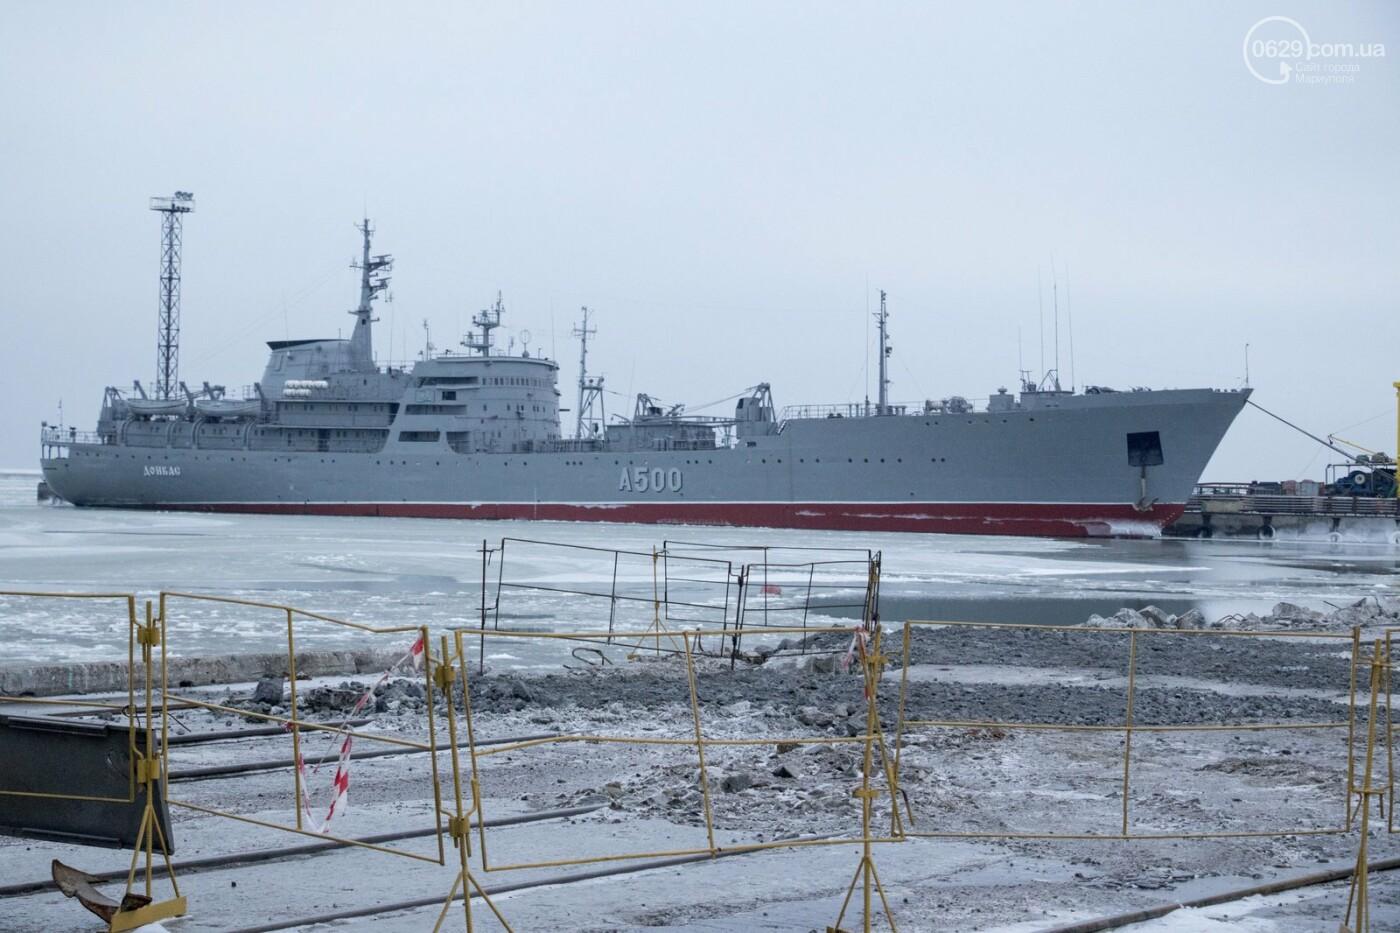 Из-за строительства Керченского моста и незаконной блокады порт Мариуполя потерял 6 миллиардов гривен, - ФОТО, фото-10